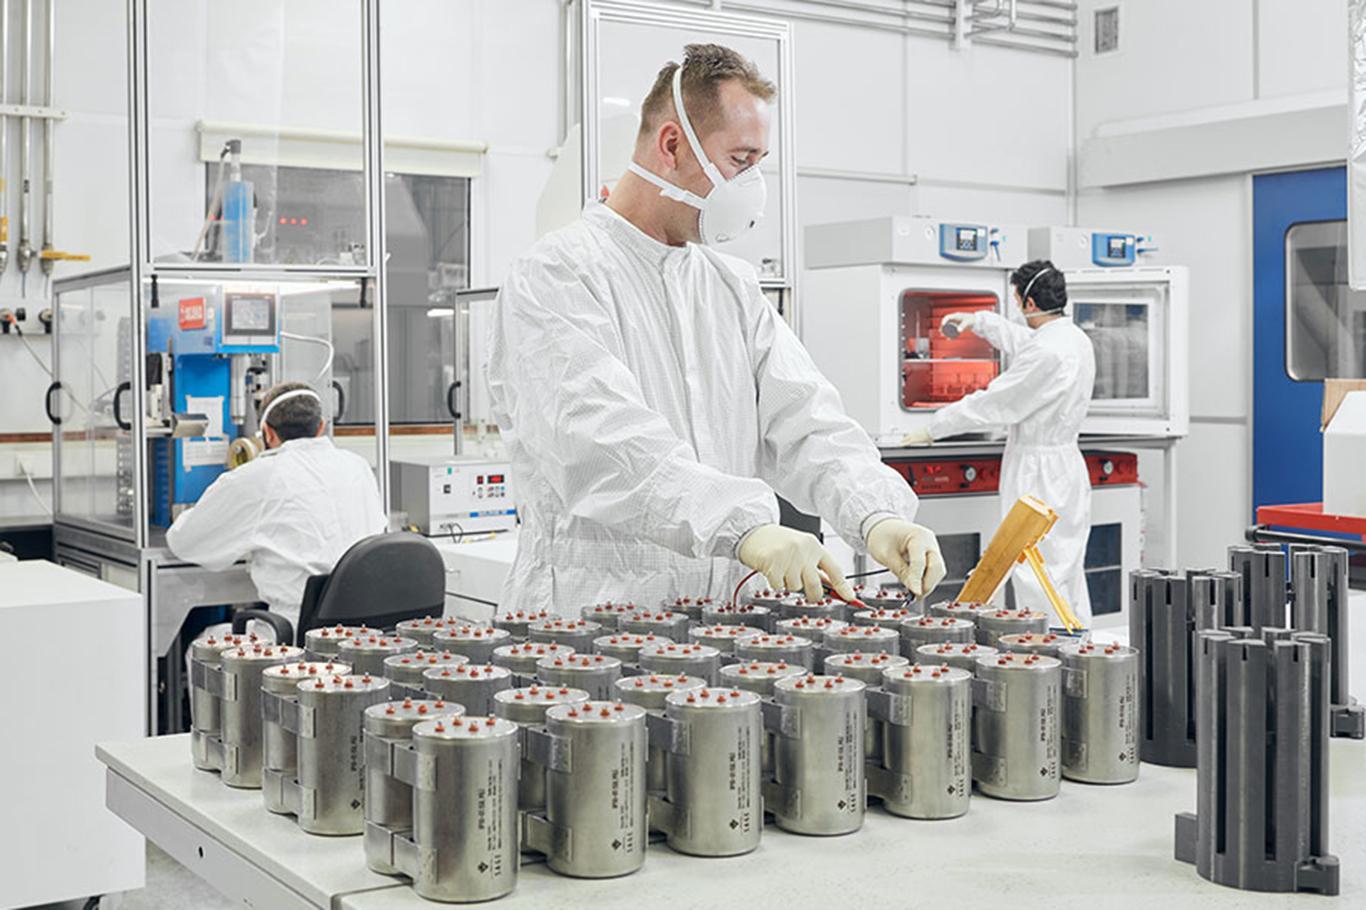 Bakan Varank: Füzelerin ardındaki milli güç, ısıl piller